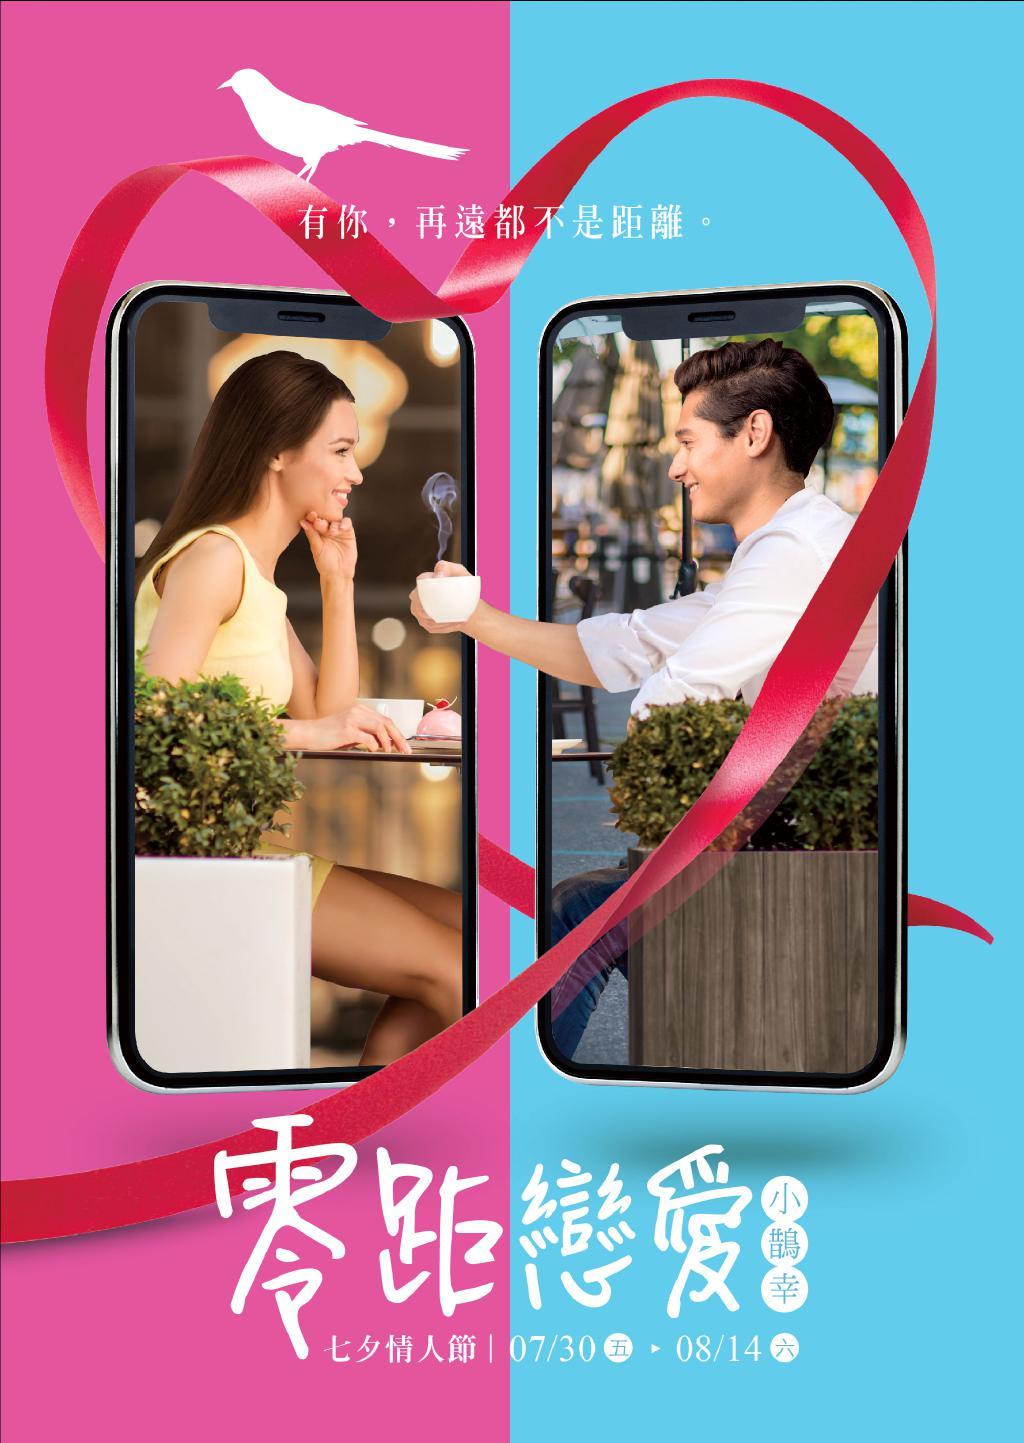 新光三越《嘉義垂楊店》DM 七夕情人節【2021/8/14 止】